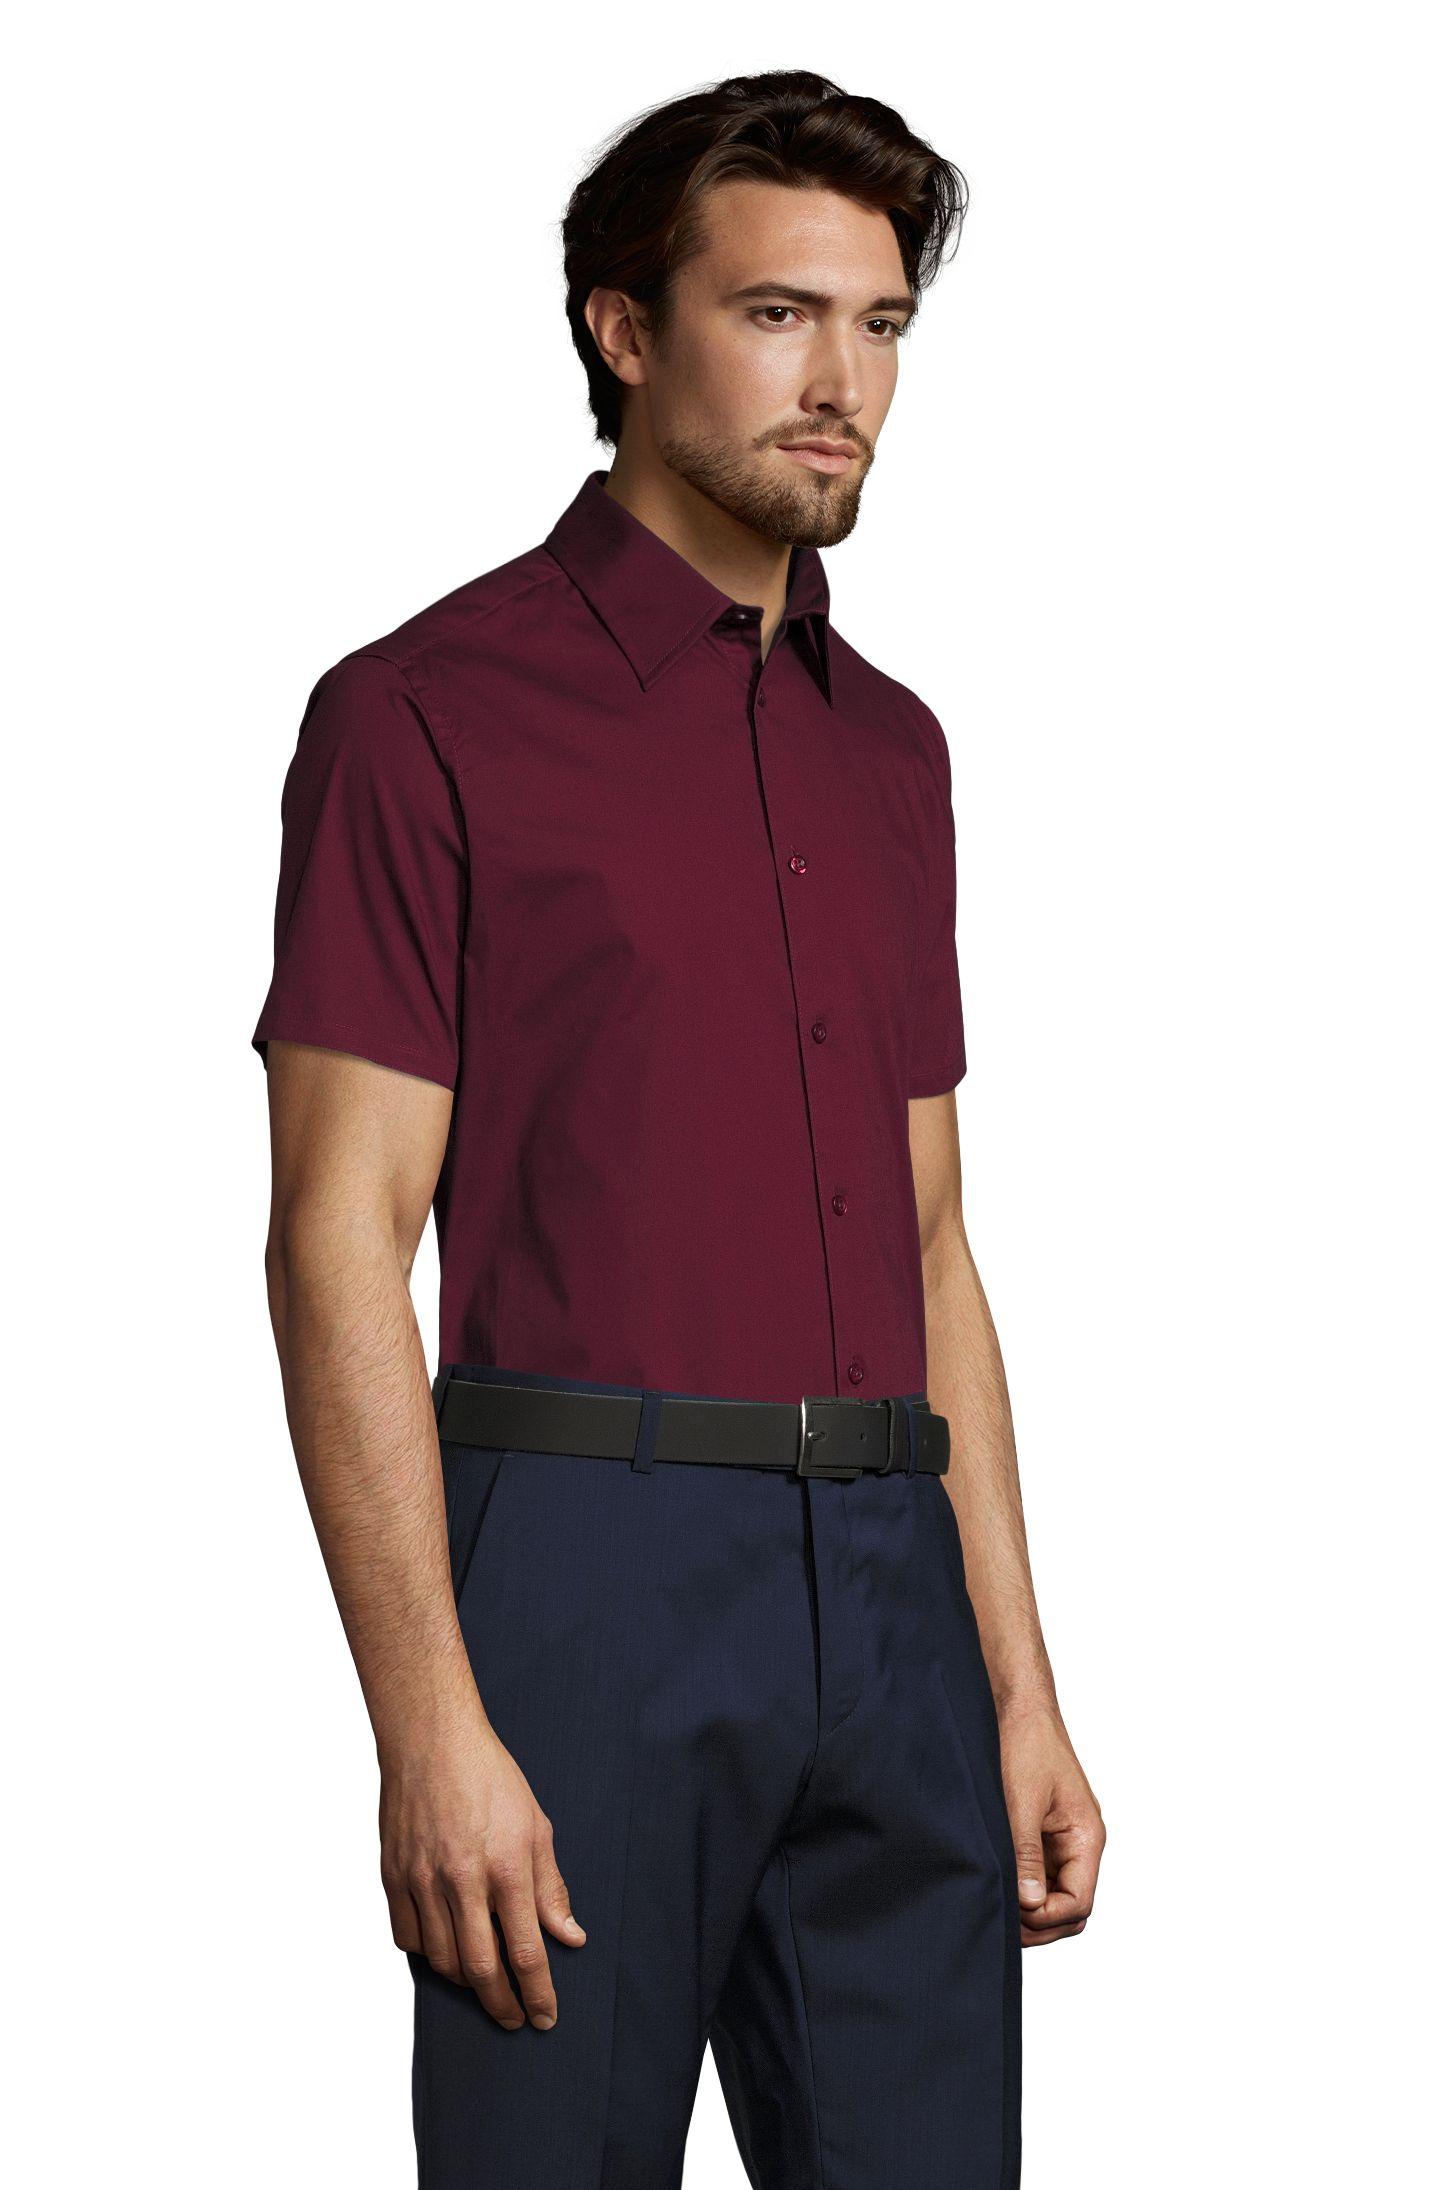 164 - Medium burgundy